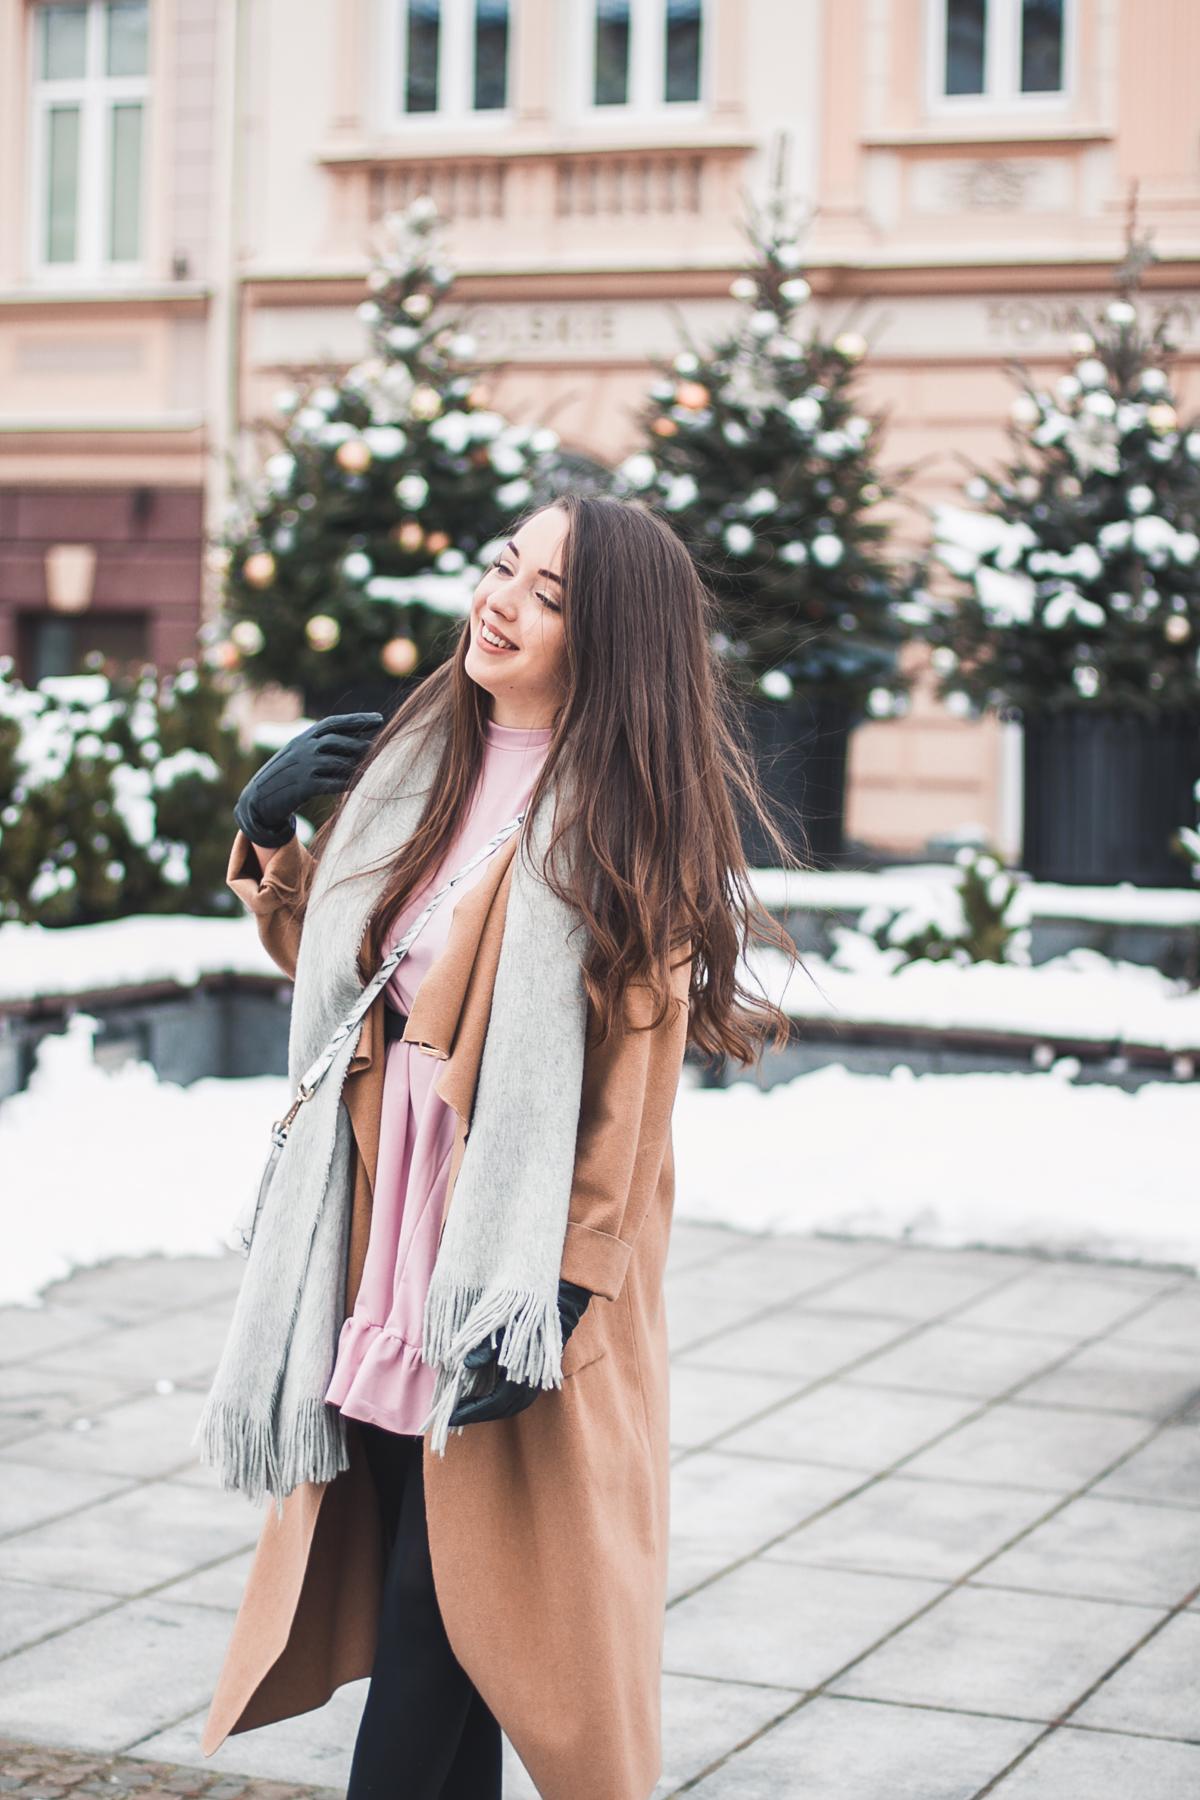 beżowy długi płaszcz na zimę